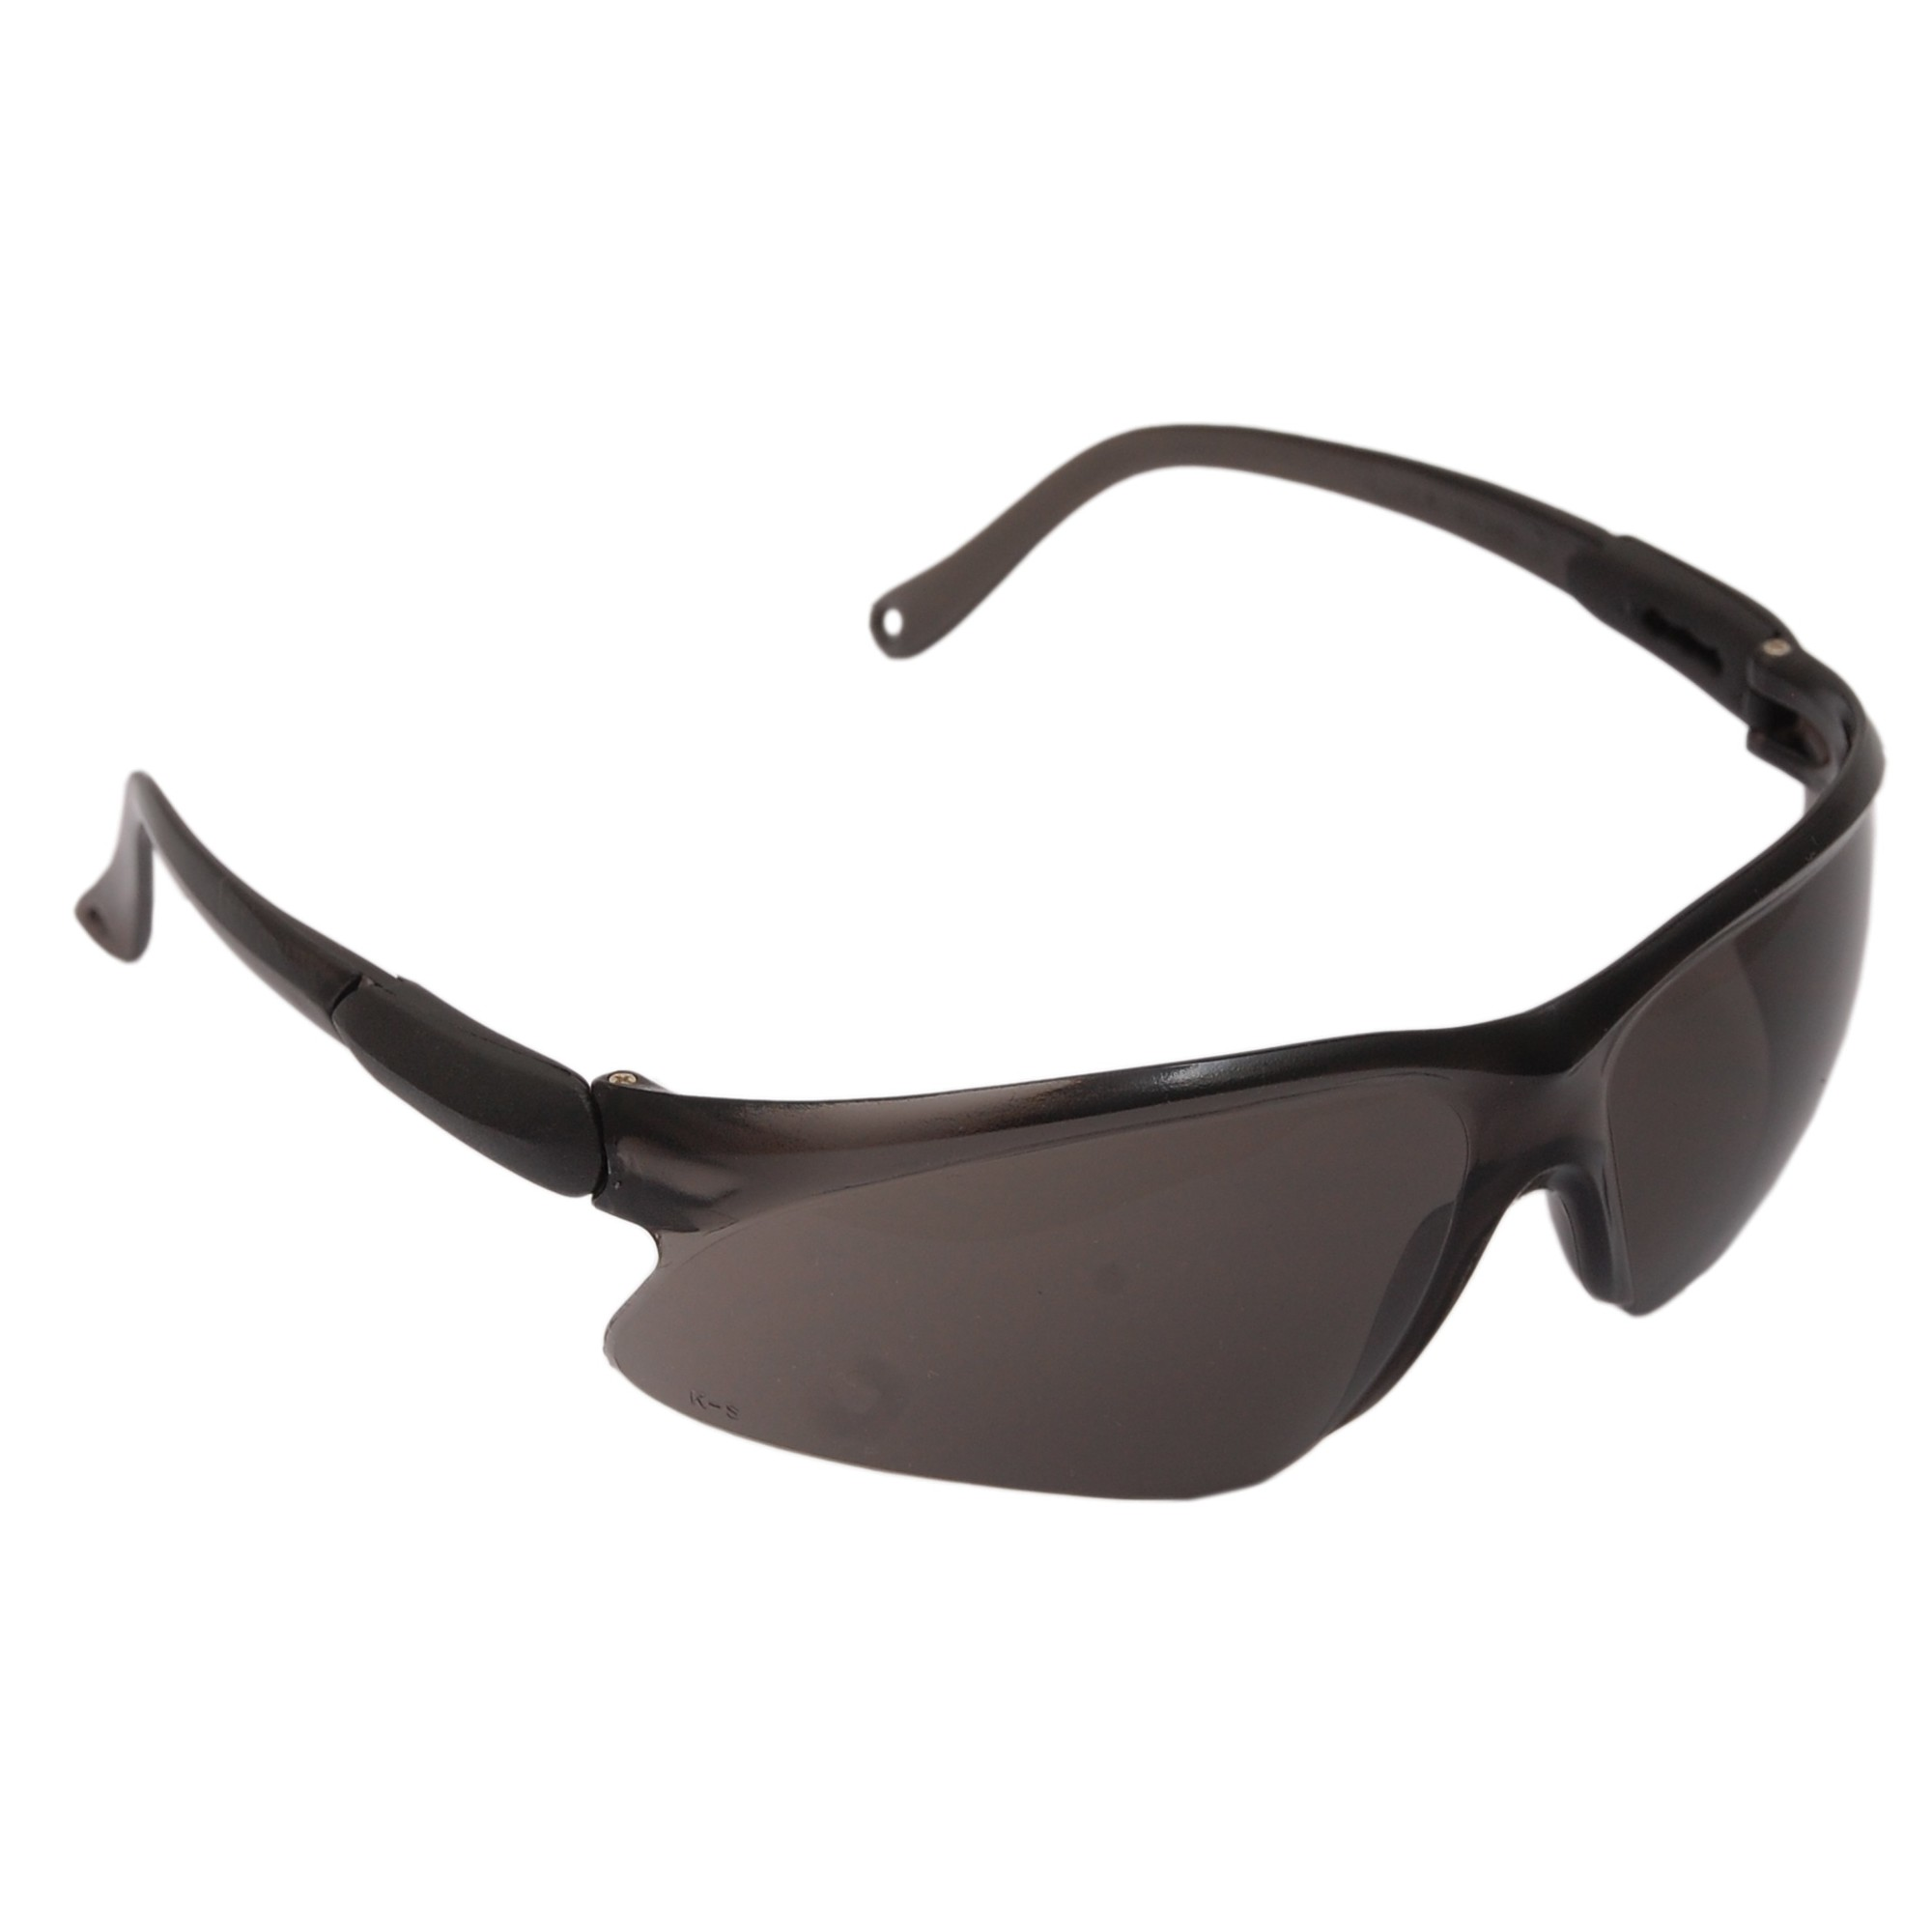 Oculos Protecao Polipropileno Lince Cinza 612 - Kalipso